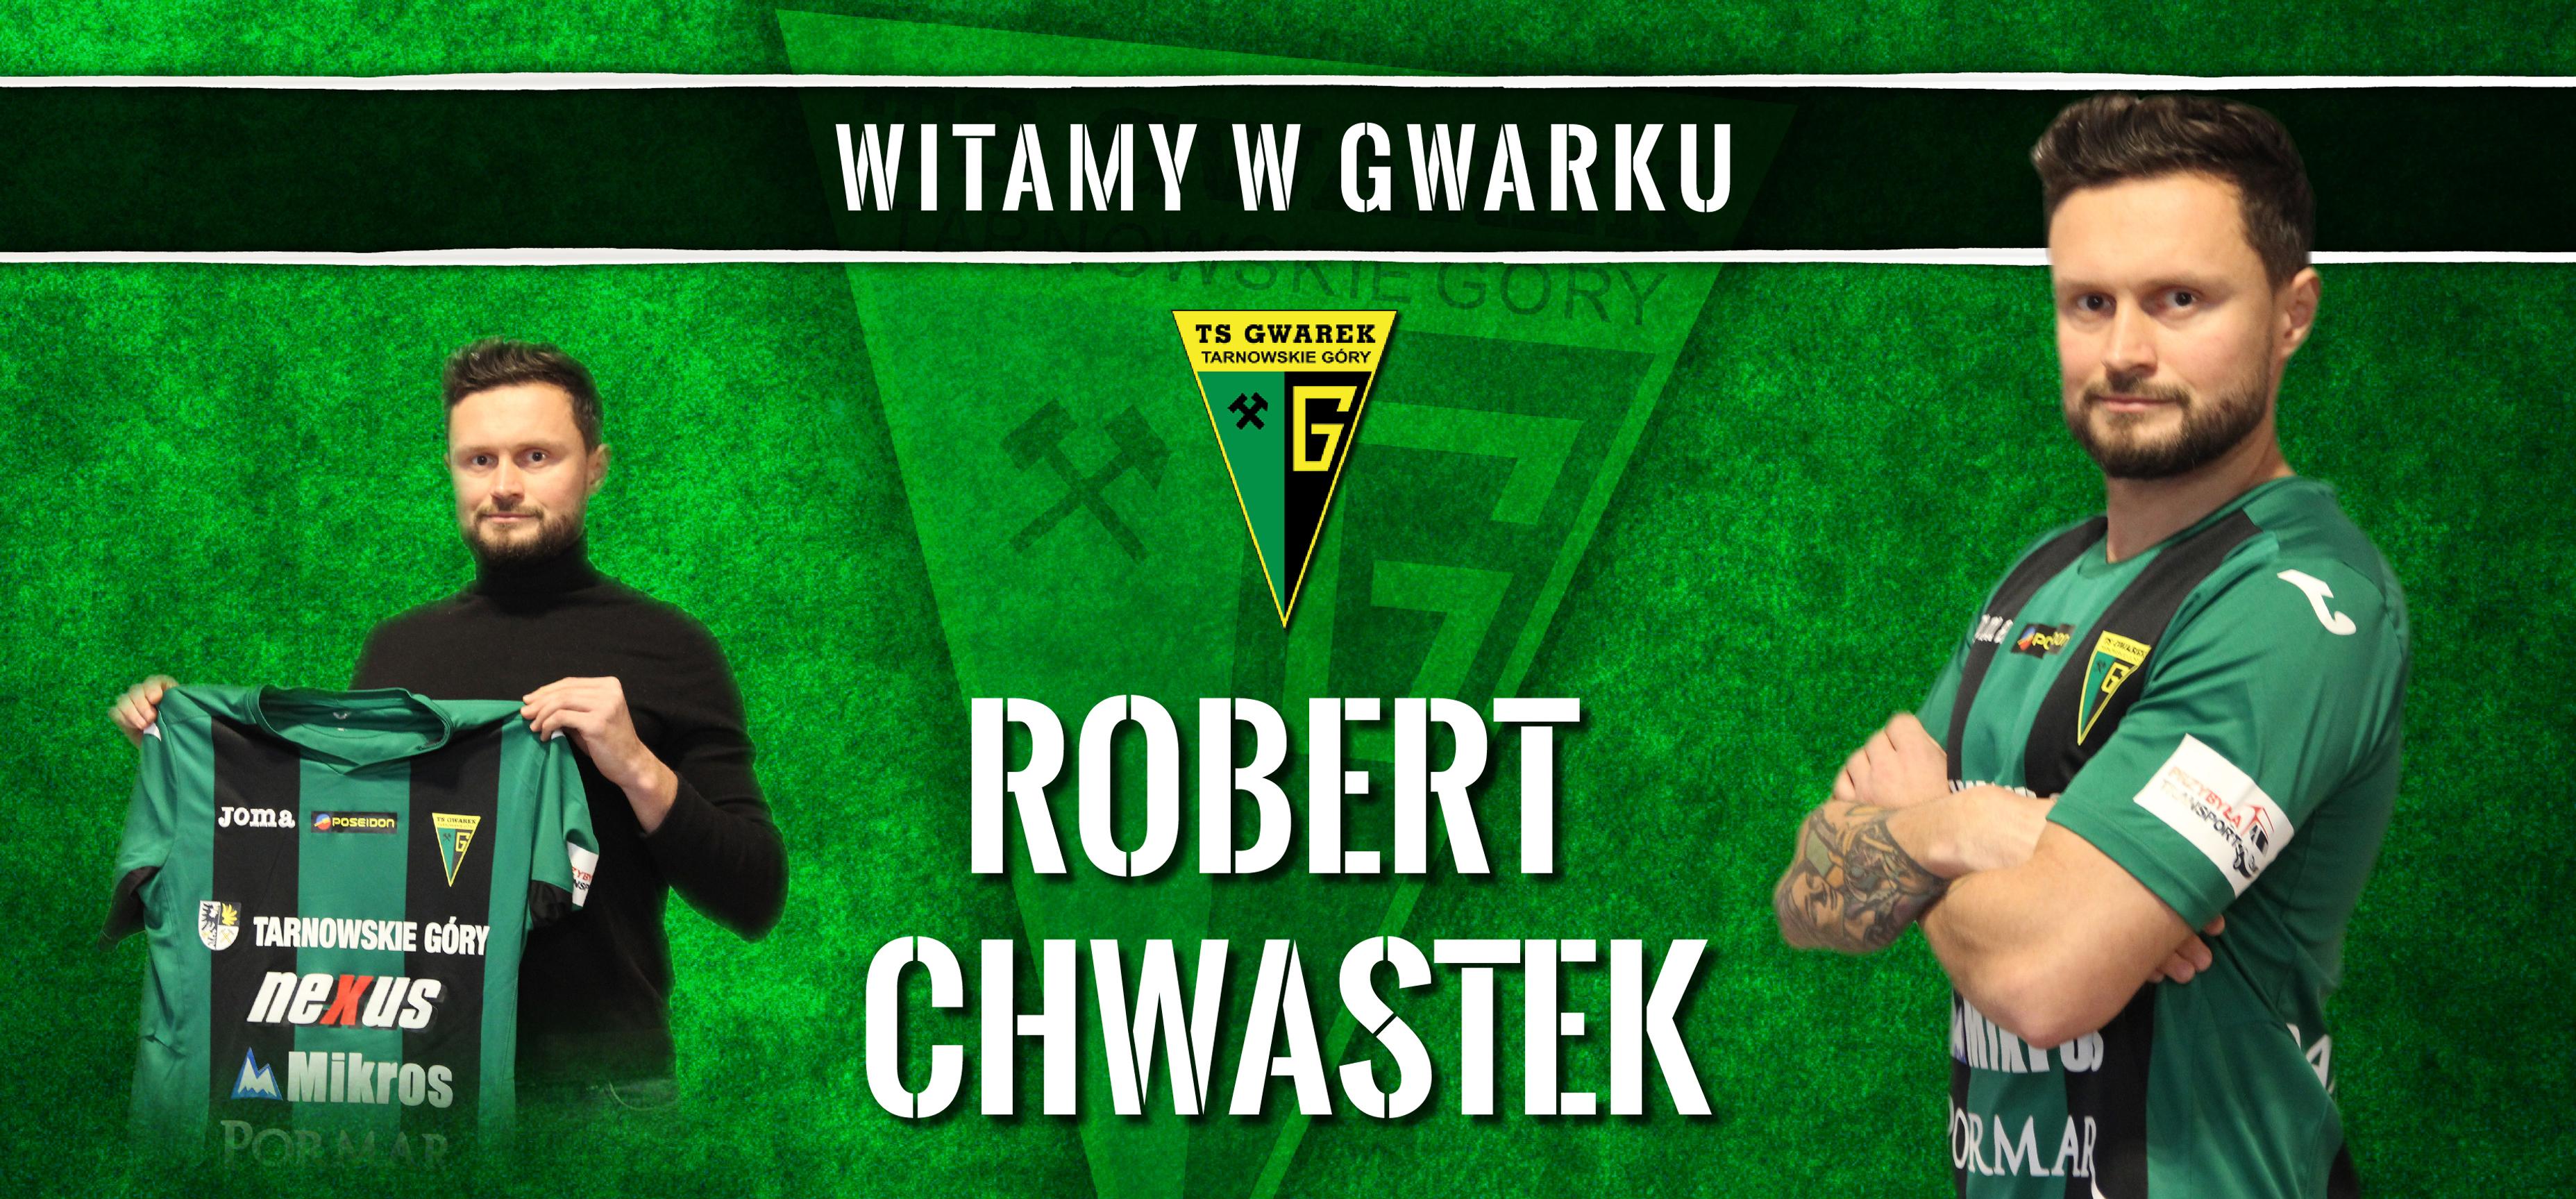 Robert Chwastek pierwszym zimowym wzmocnieniem Gwarka!